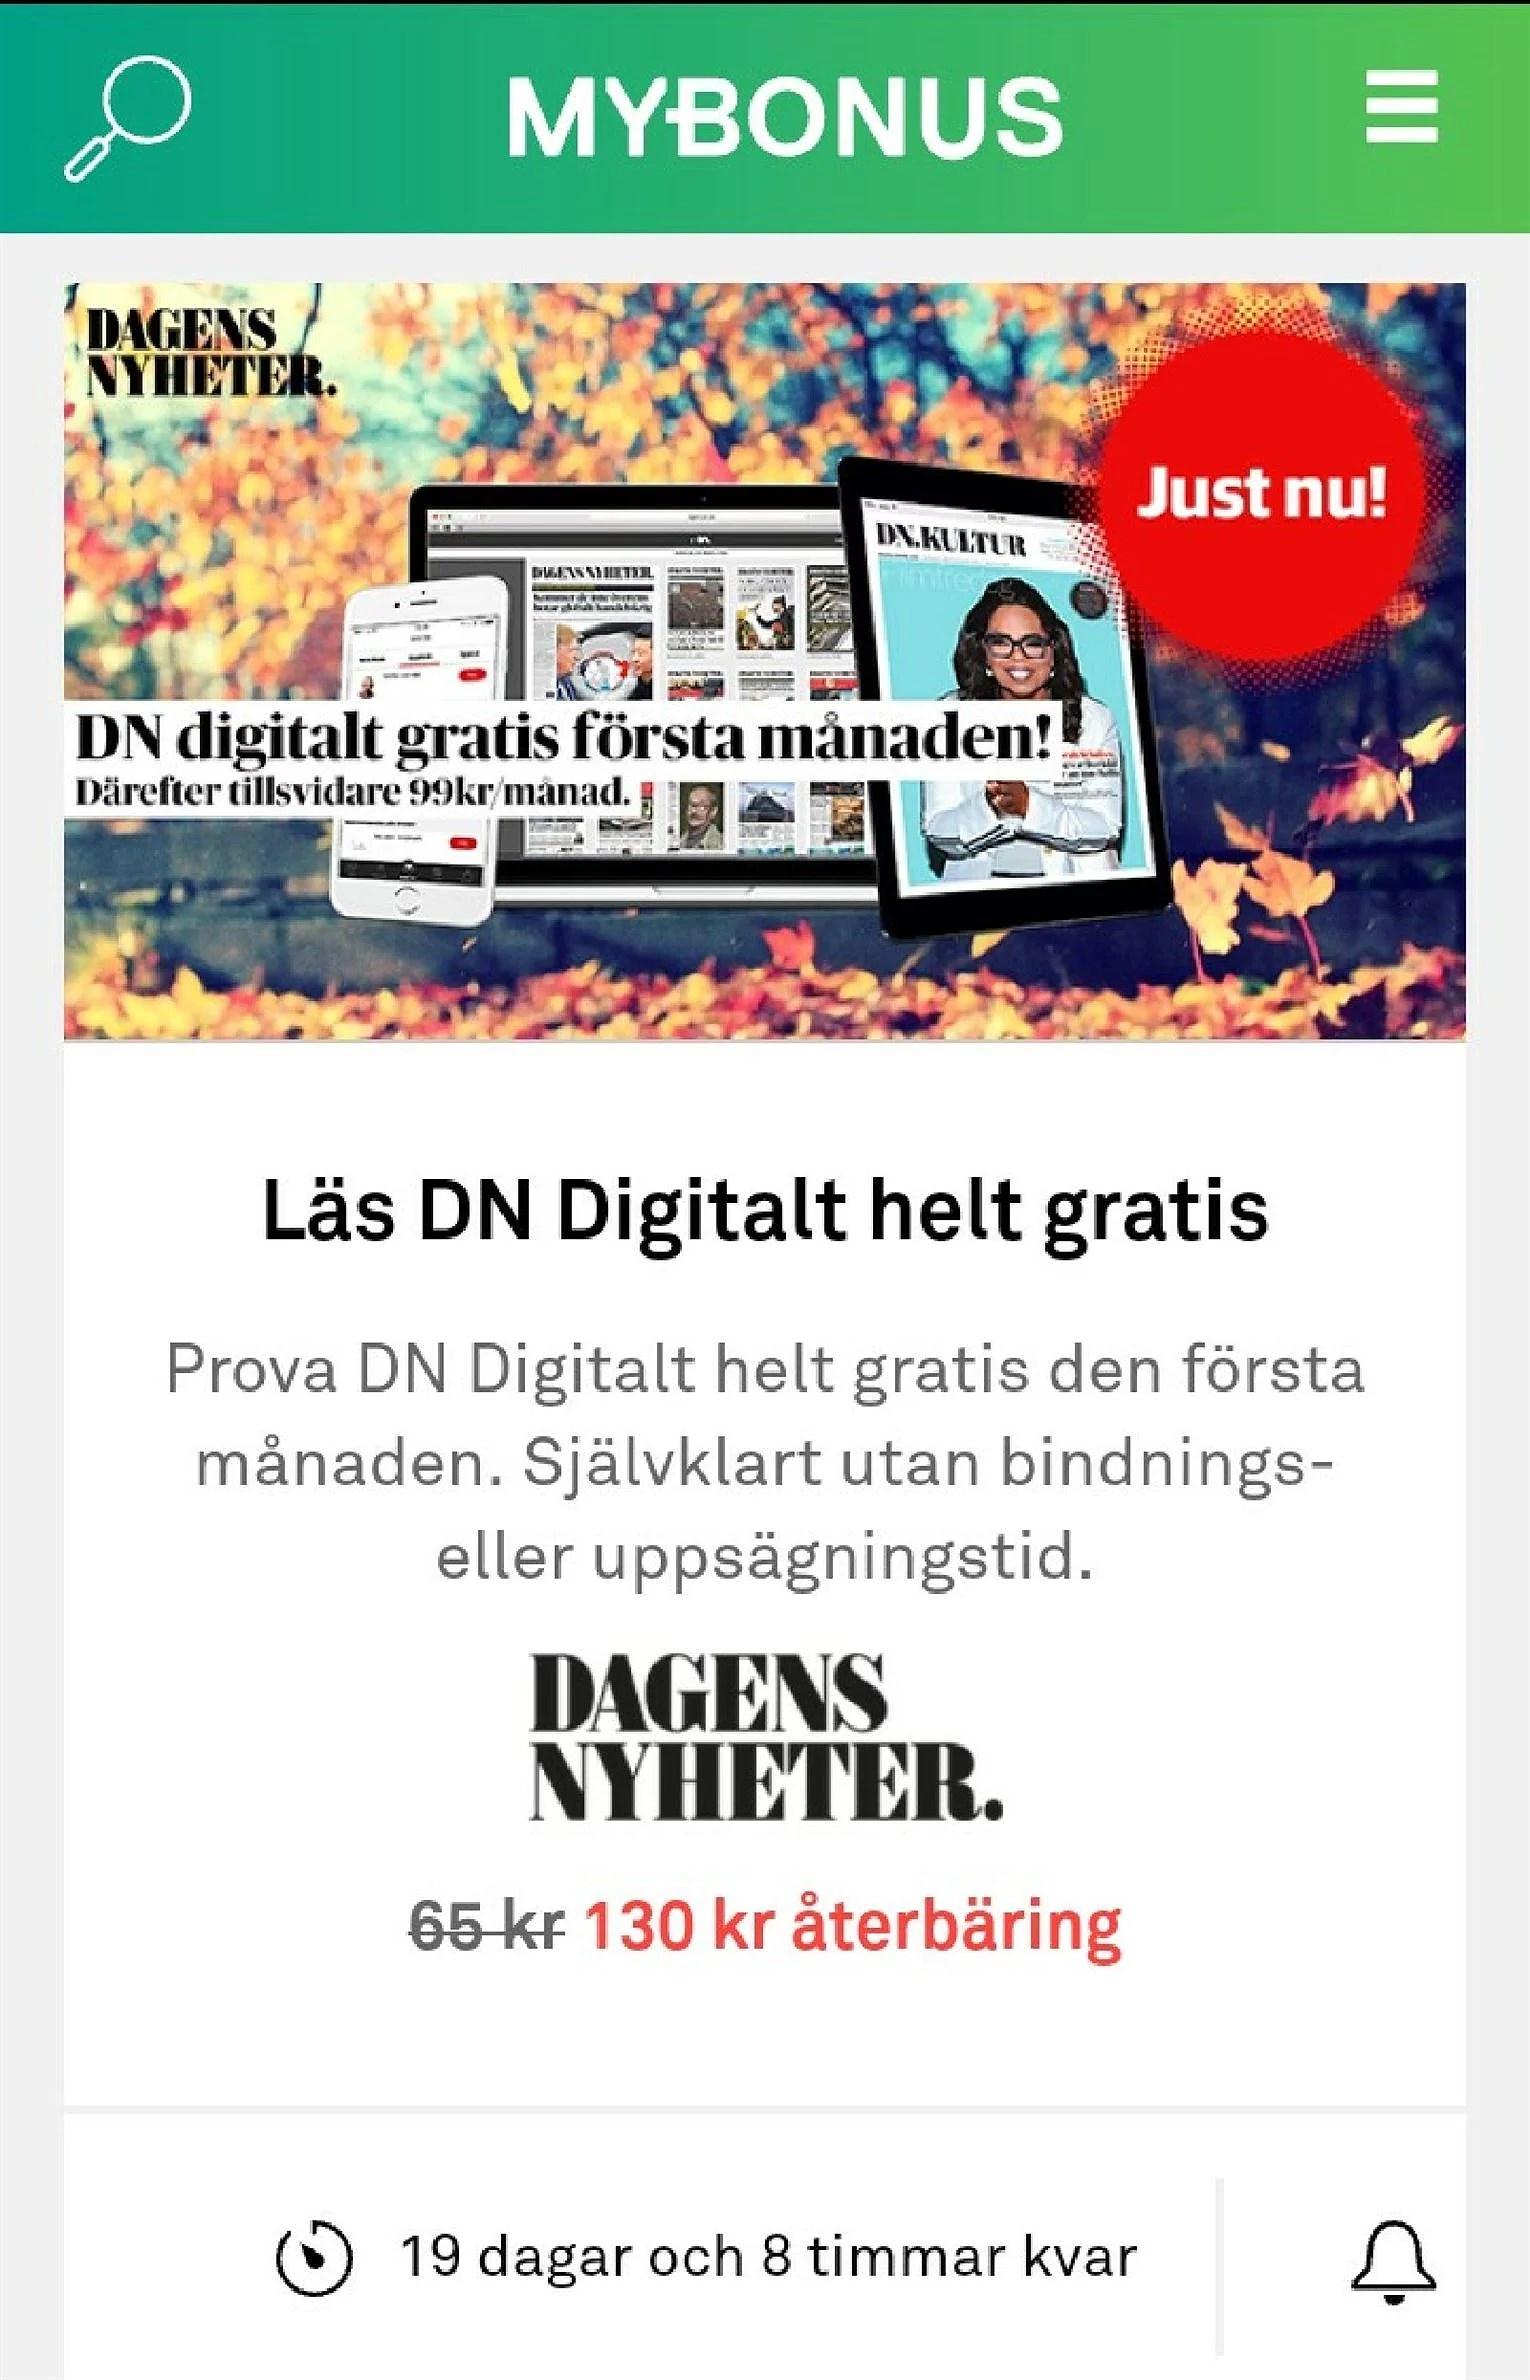 Mybonus och DagensNyheter